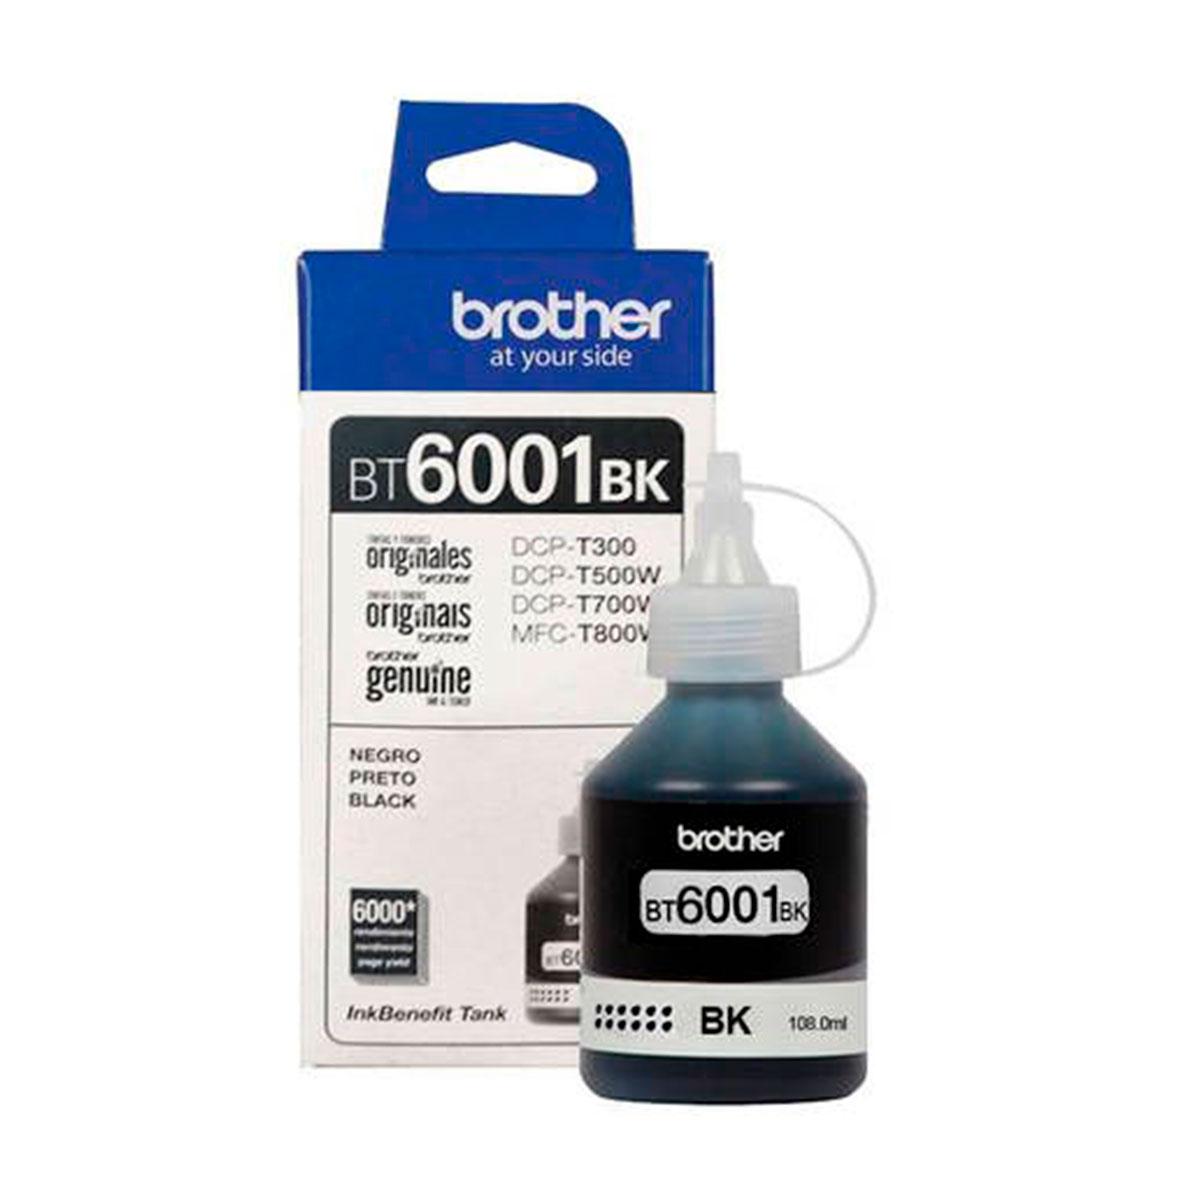 BROBT6001BK